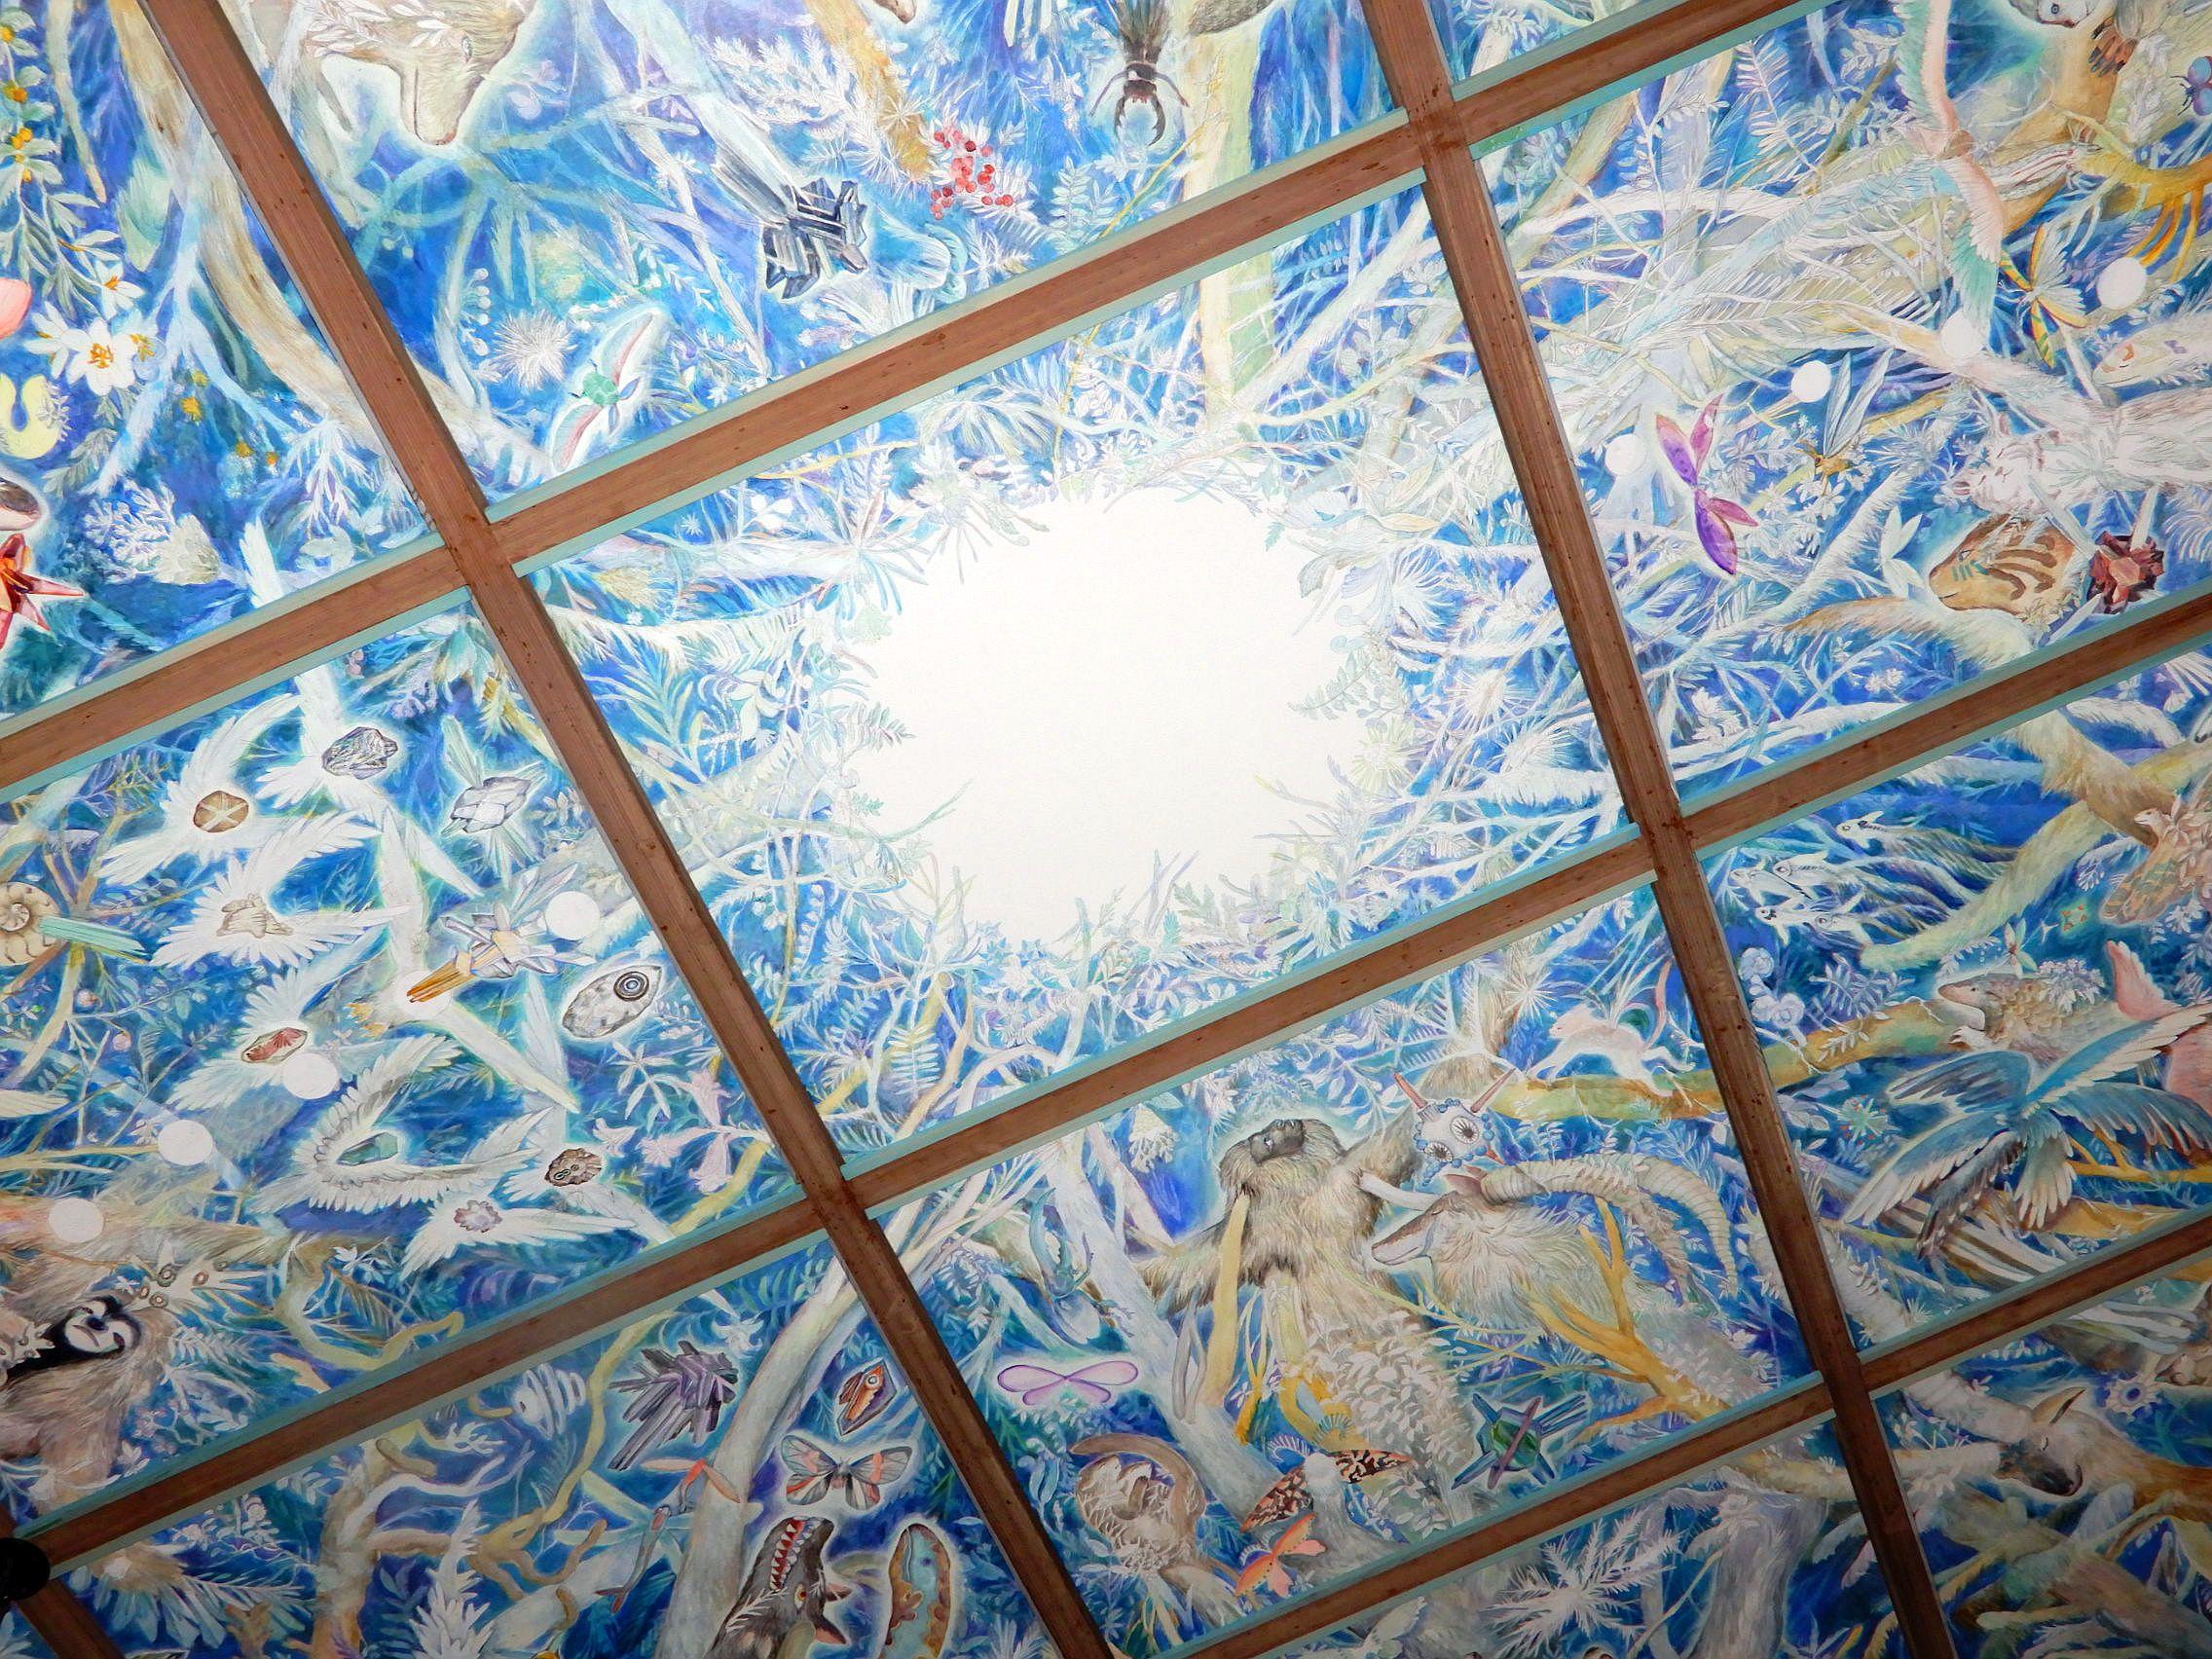 現代アート作家が描く、生命の天井画のある神社でパワーを頂く